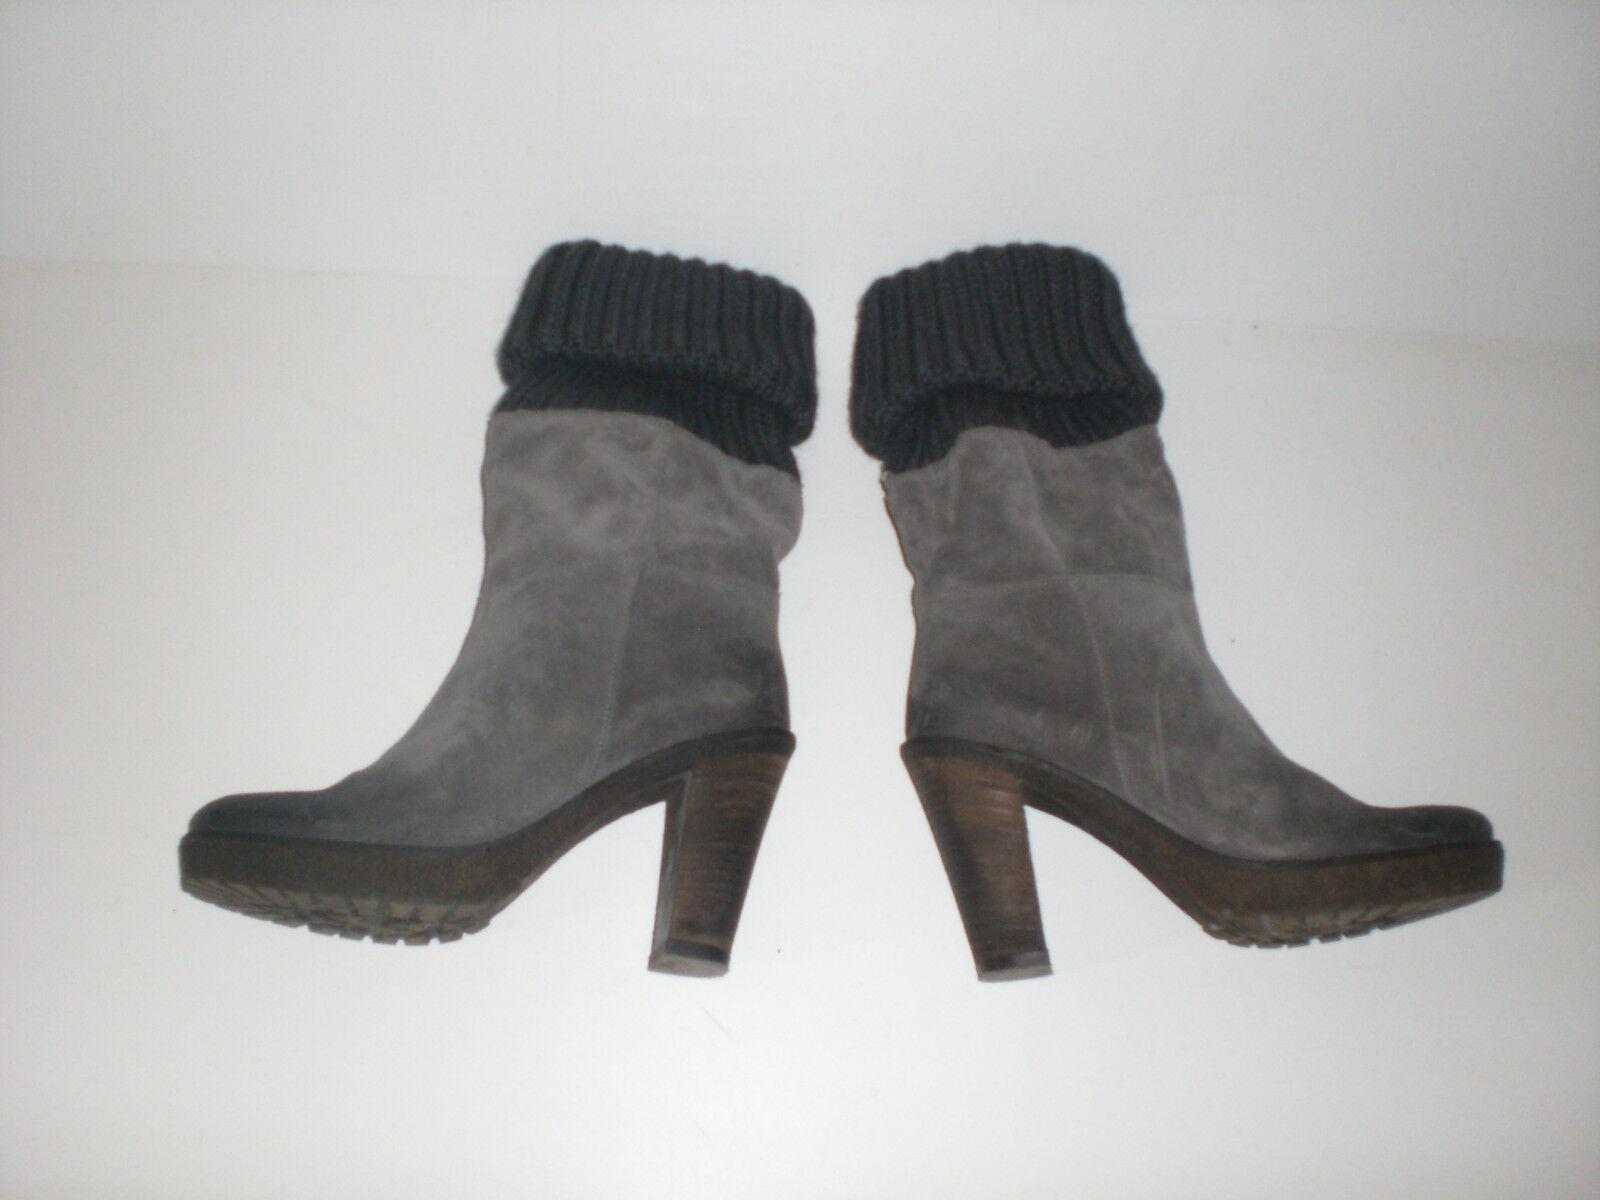 Kennel Schmenger Stiefeletten Leder Stiefel Schuhe Stiefel  Gr.39